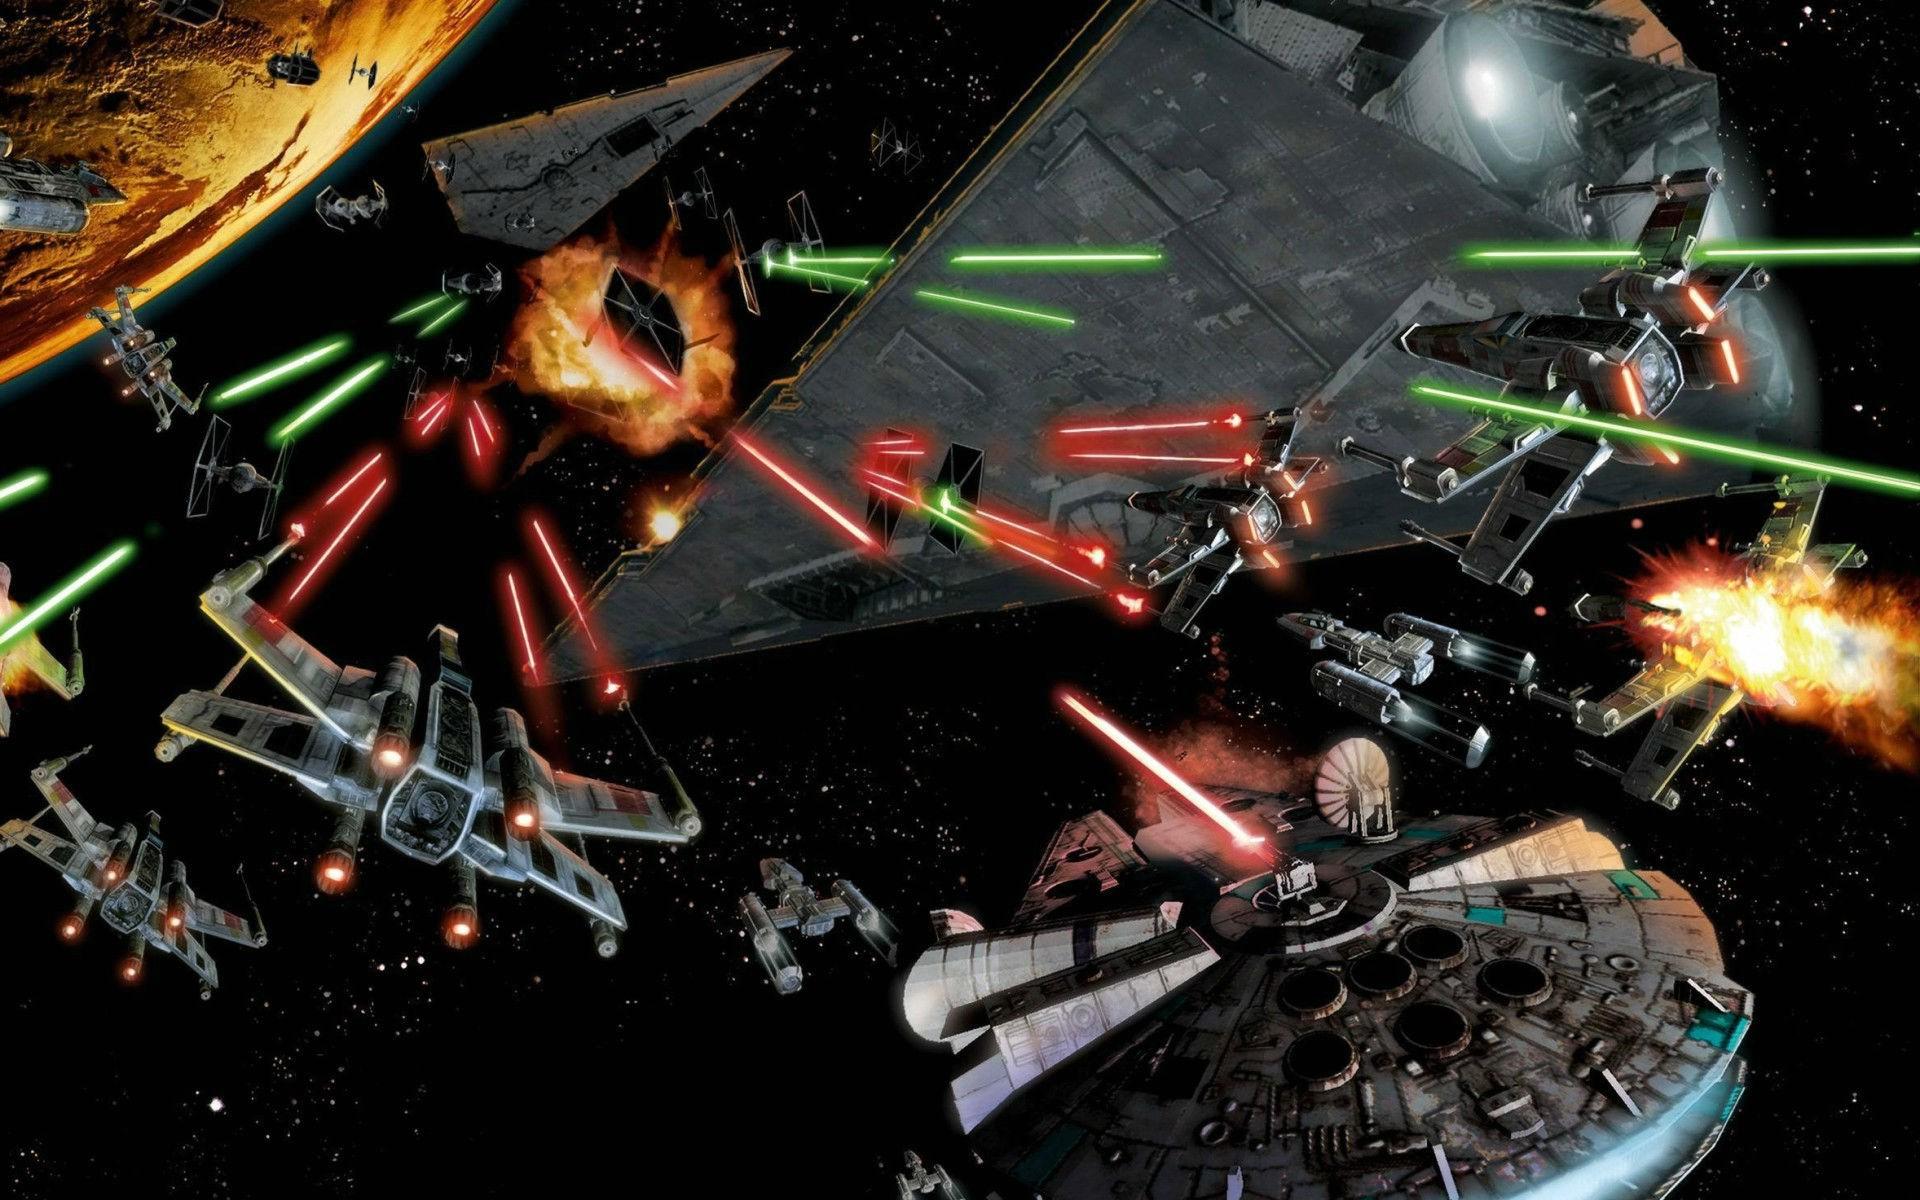 Wallpaper Star Wars Space Machine Millennium Falcon Darkness